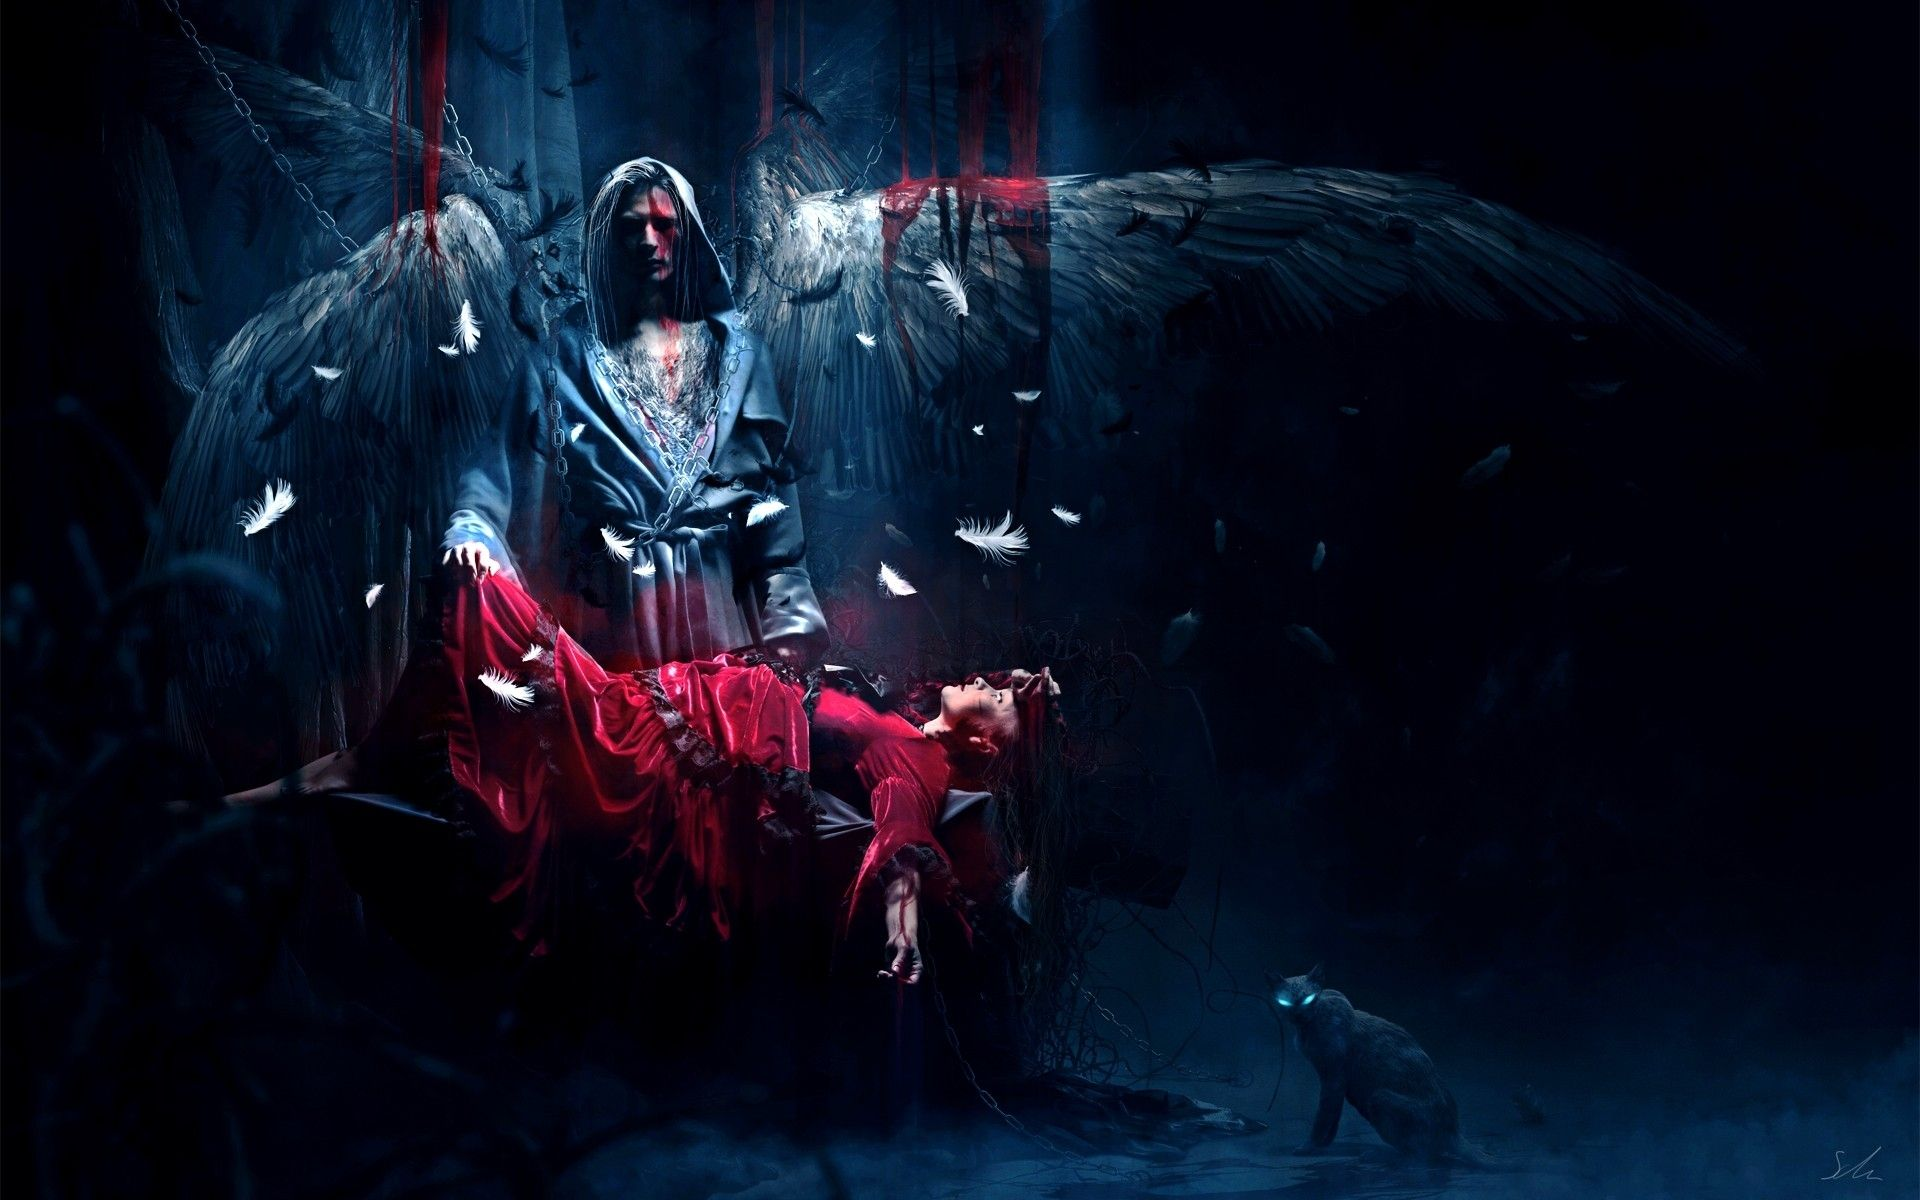 Dark Horror Fantasy Gothic Angels Mood Women Blood Sad Sorrow